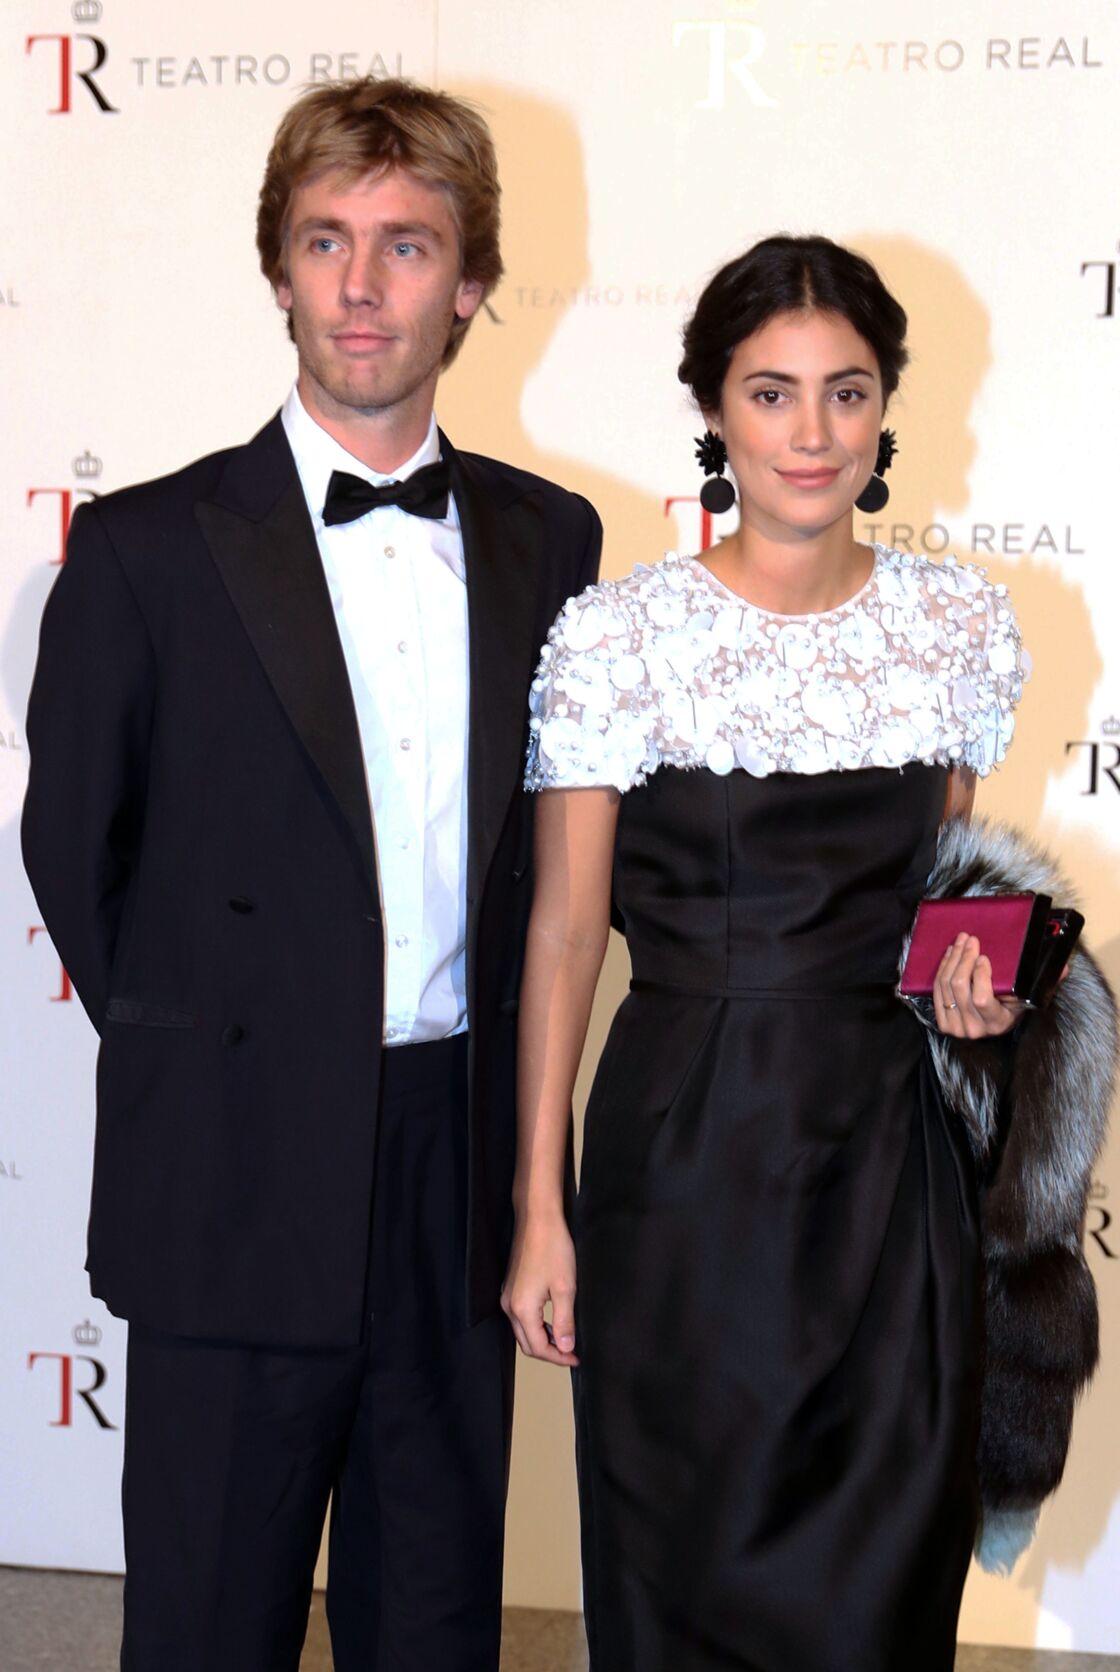 Christian de Hanovre et Alessandra de Osma, en novembre 2018.